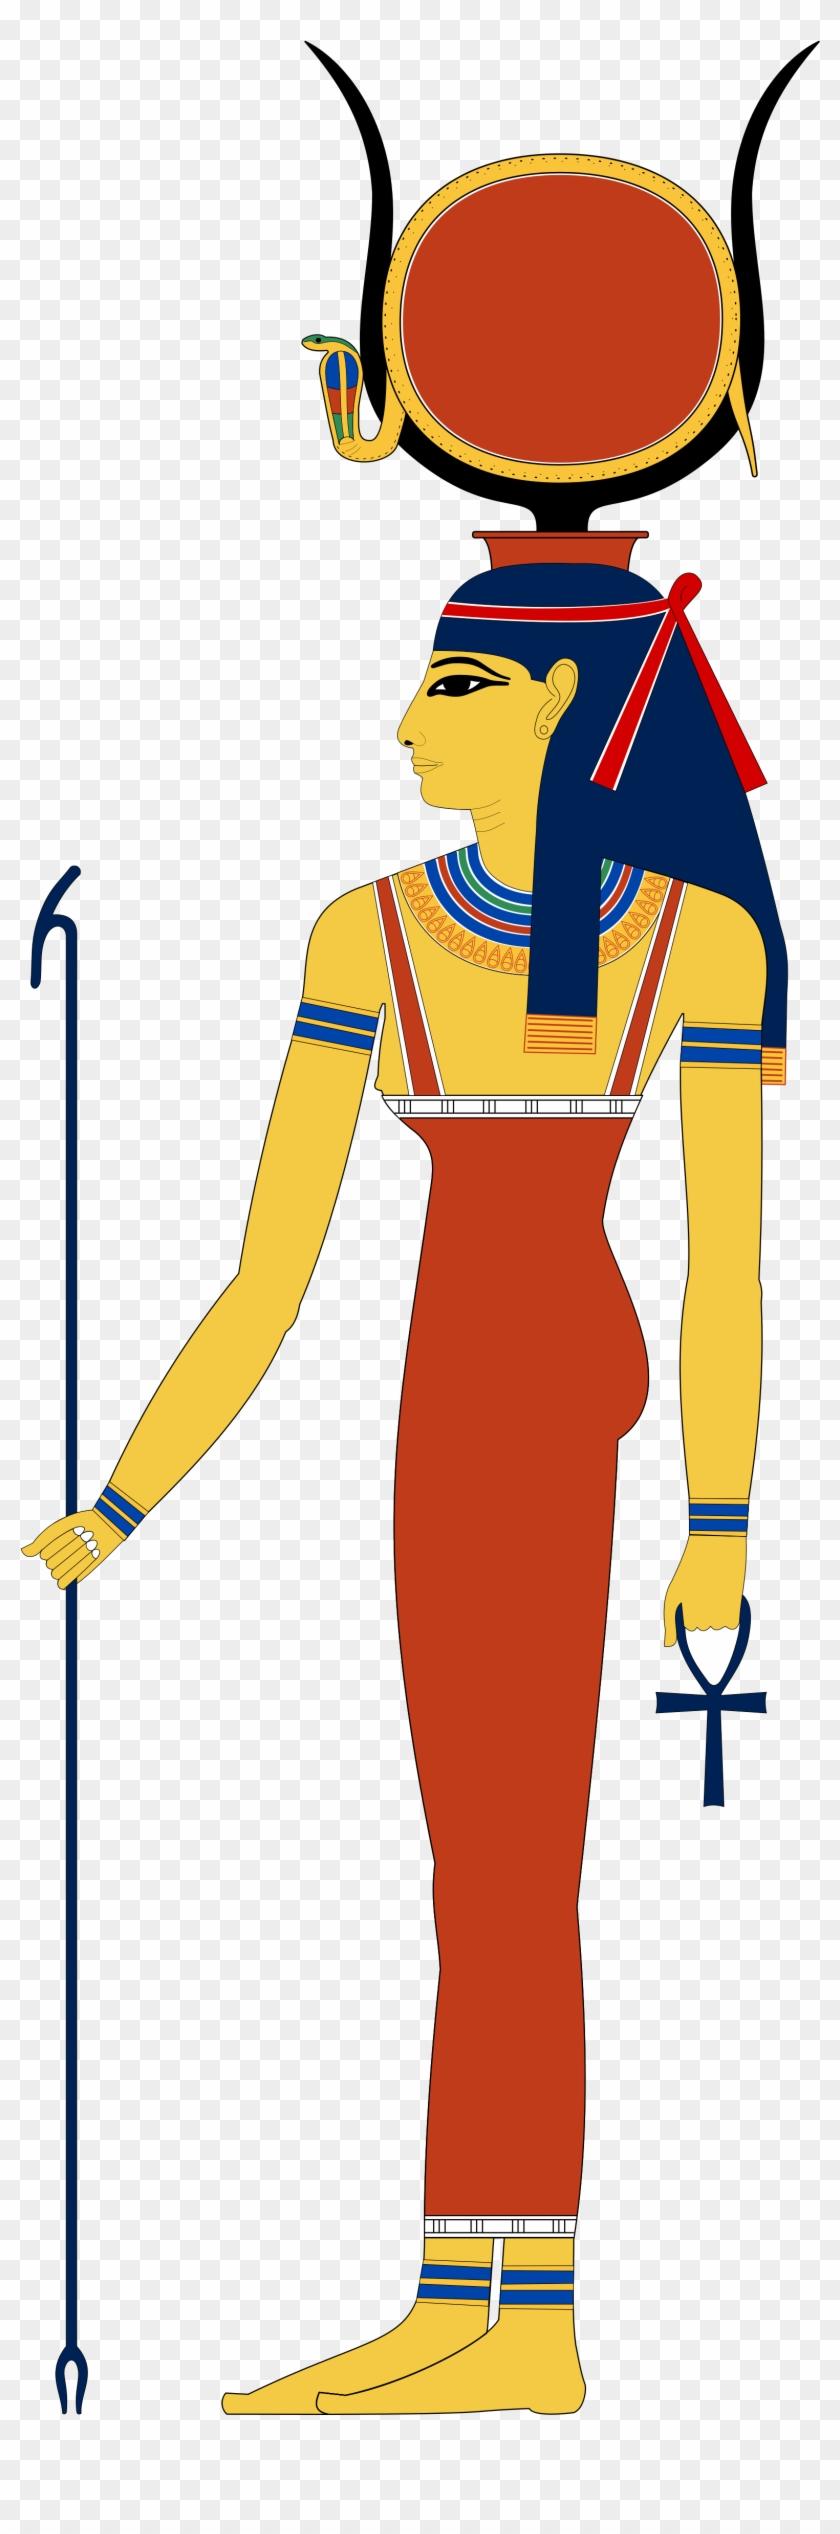 Image Result For Hathor - Astarte Egyptian Goddess #228997